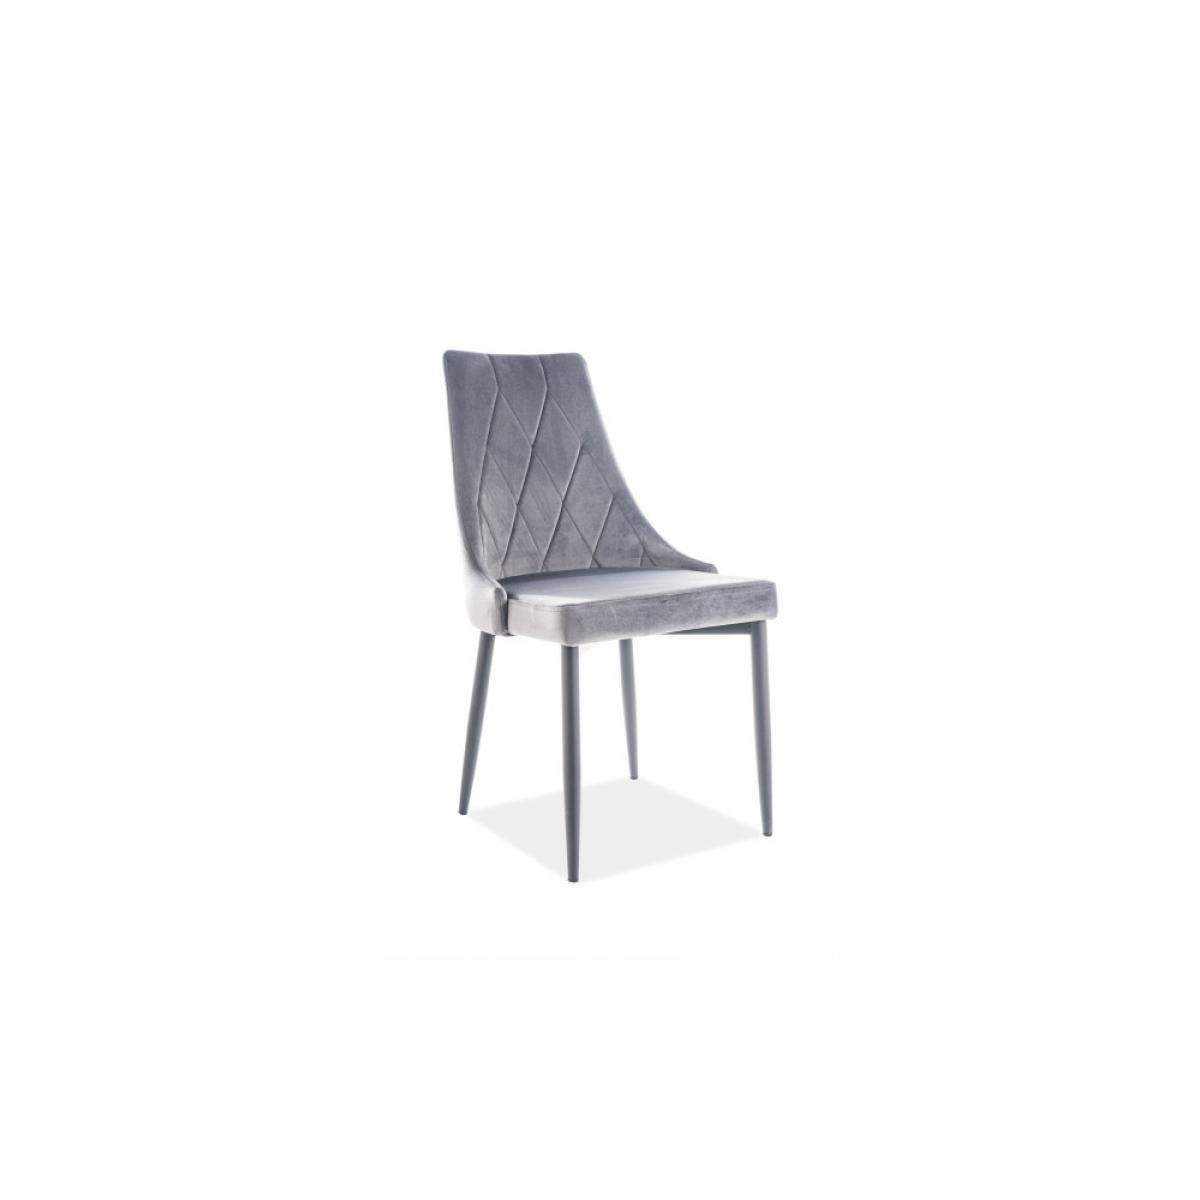 Ac-Deco Chaise en velours - Trix - 46 x 46 cm x H 88 cm - Gris anthracite